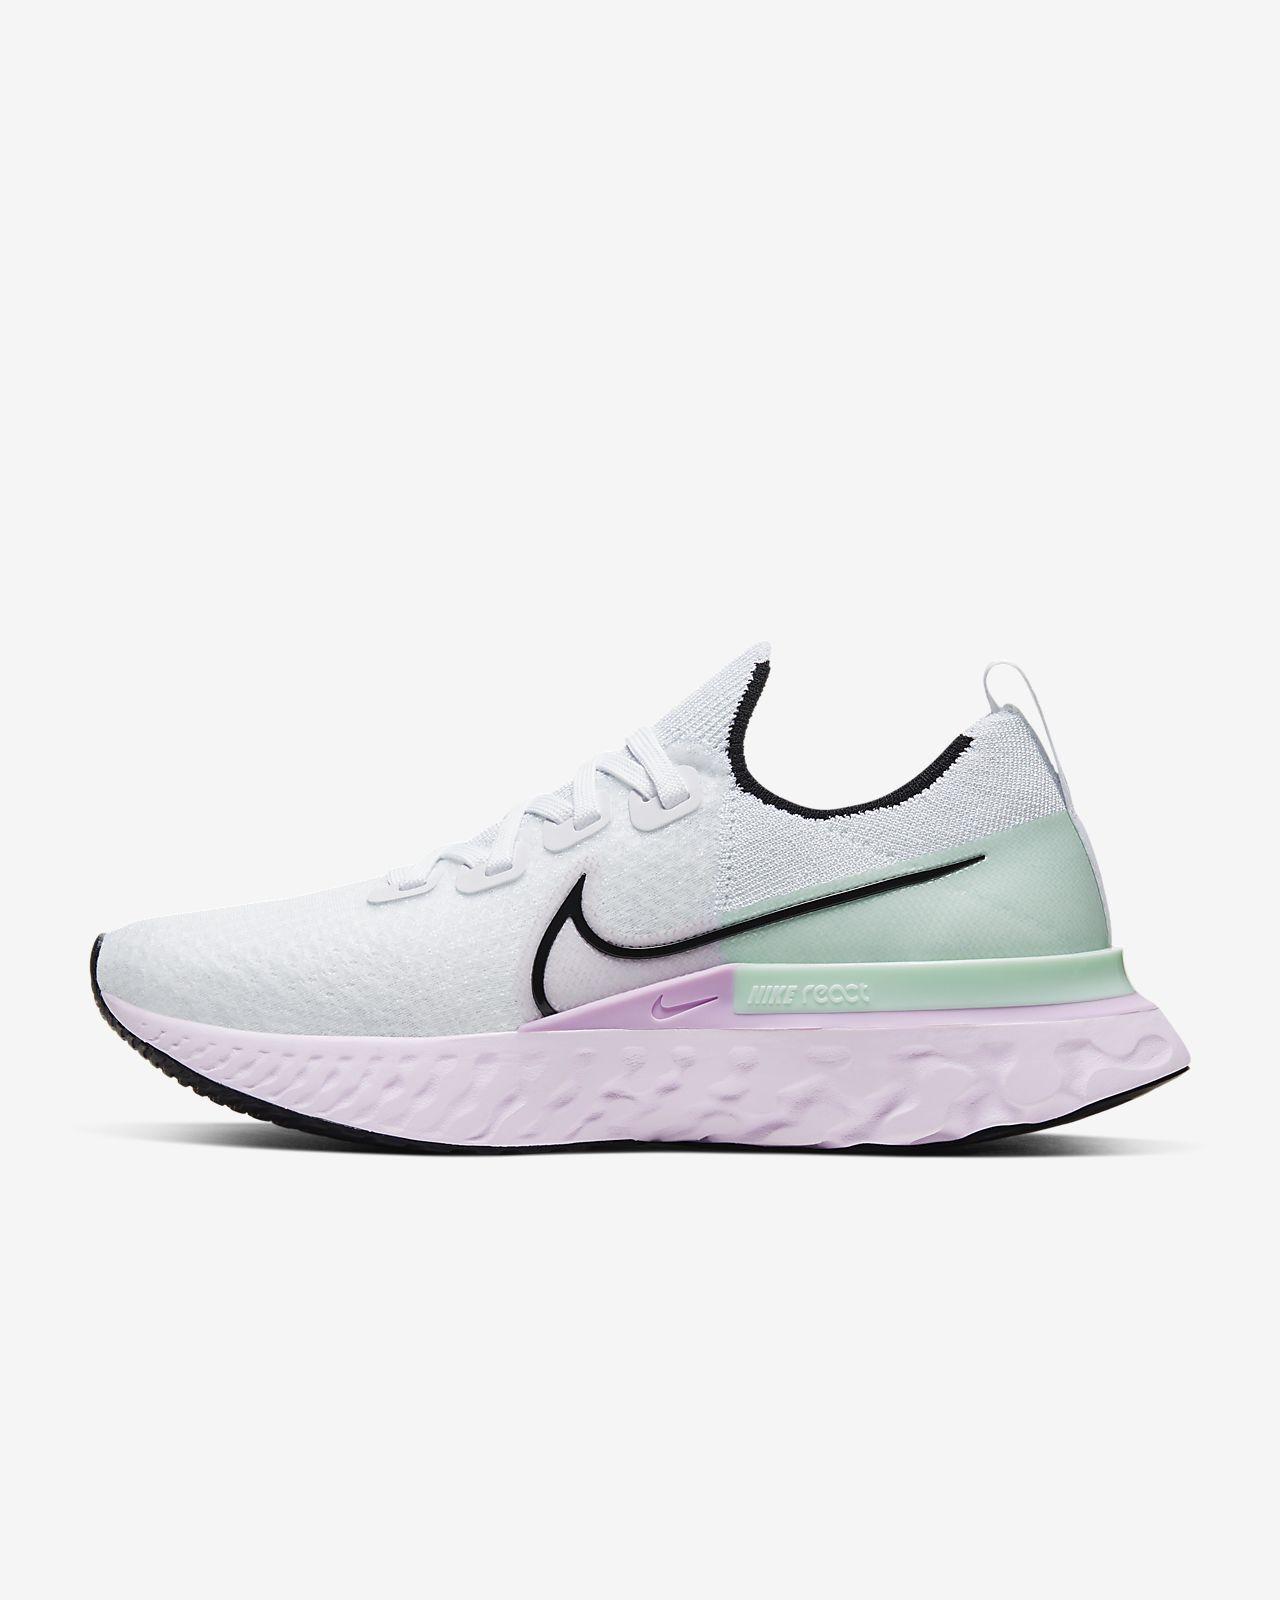 Dámská běžecká bota Nike React Infinity Run Flyknit